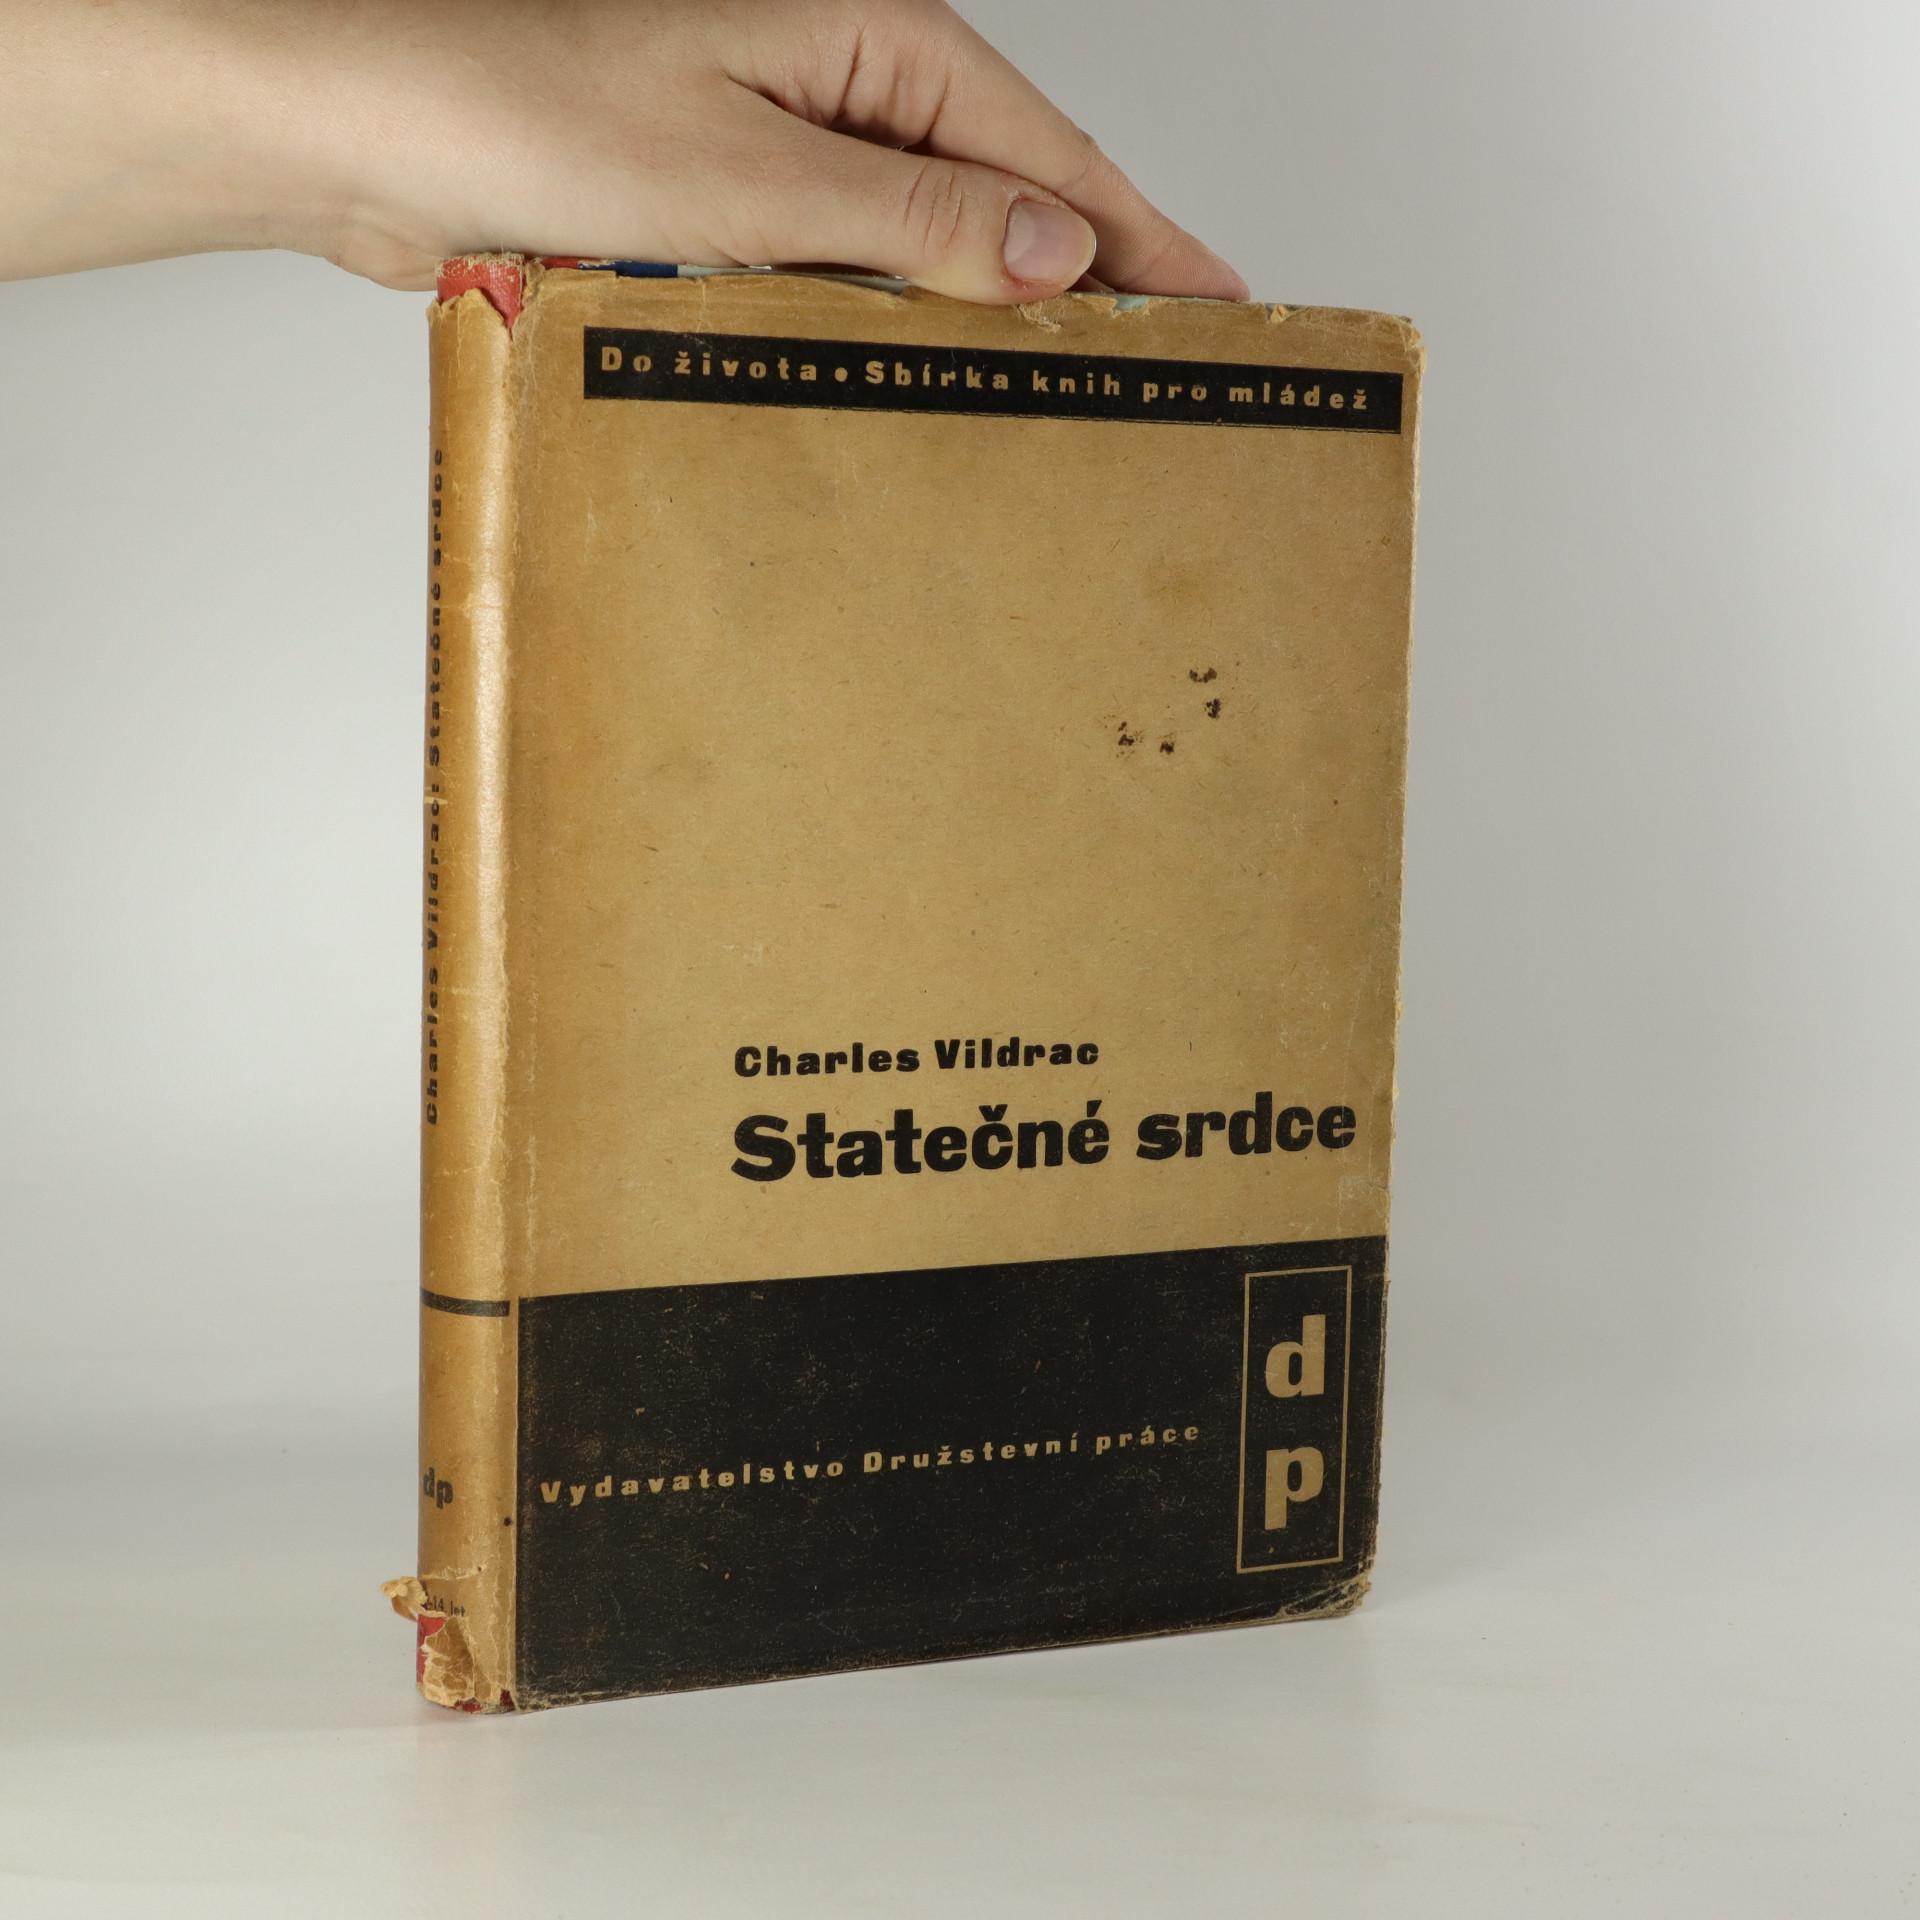 antikvární kniha Statečné srdce, 1938